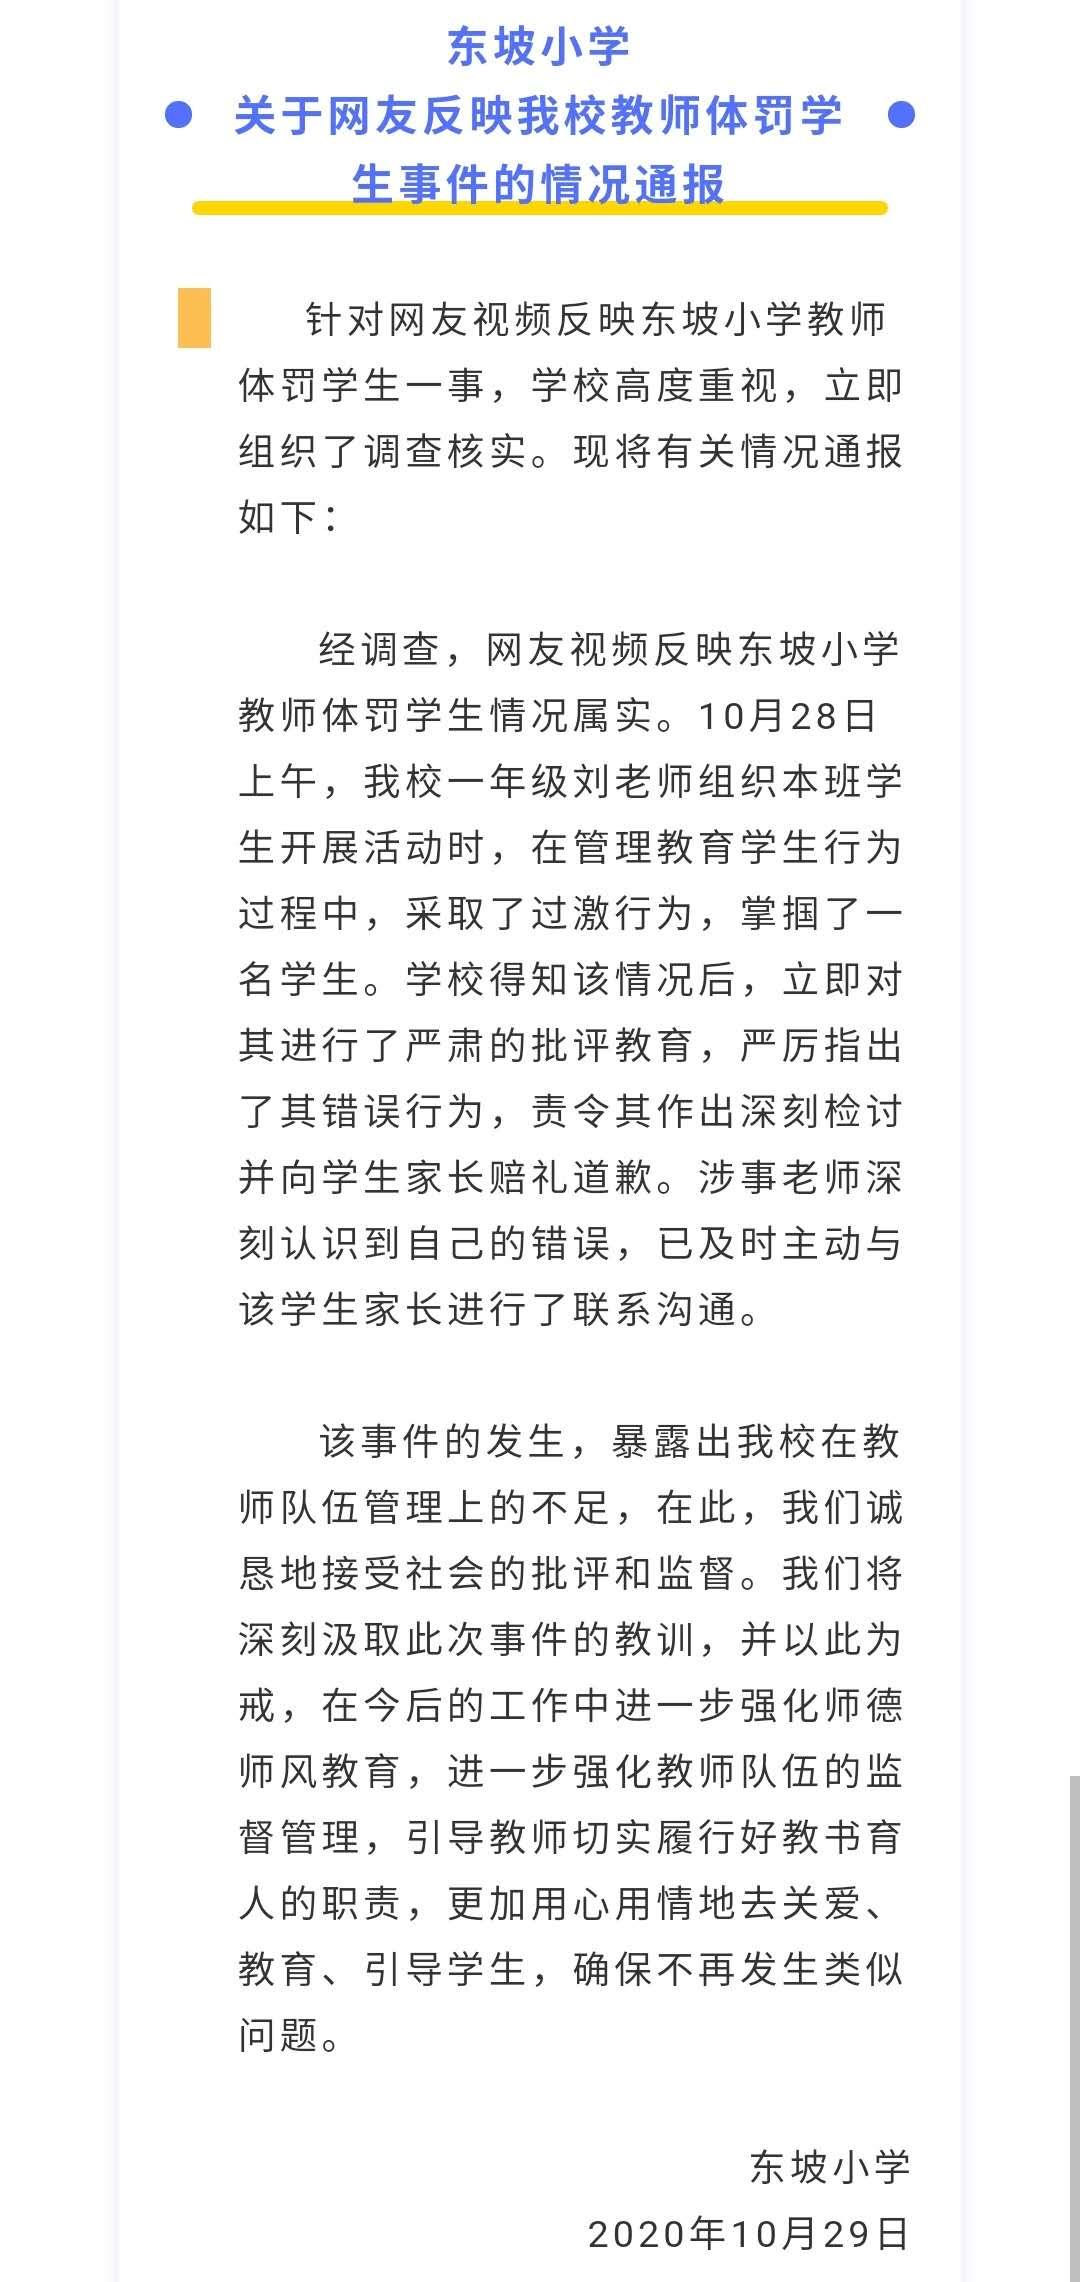 """四川眉山东坡小学通报""""一小学生被老师掌掴"""":情况属实,责令其赔礼道歉"""